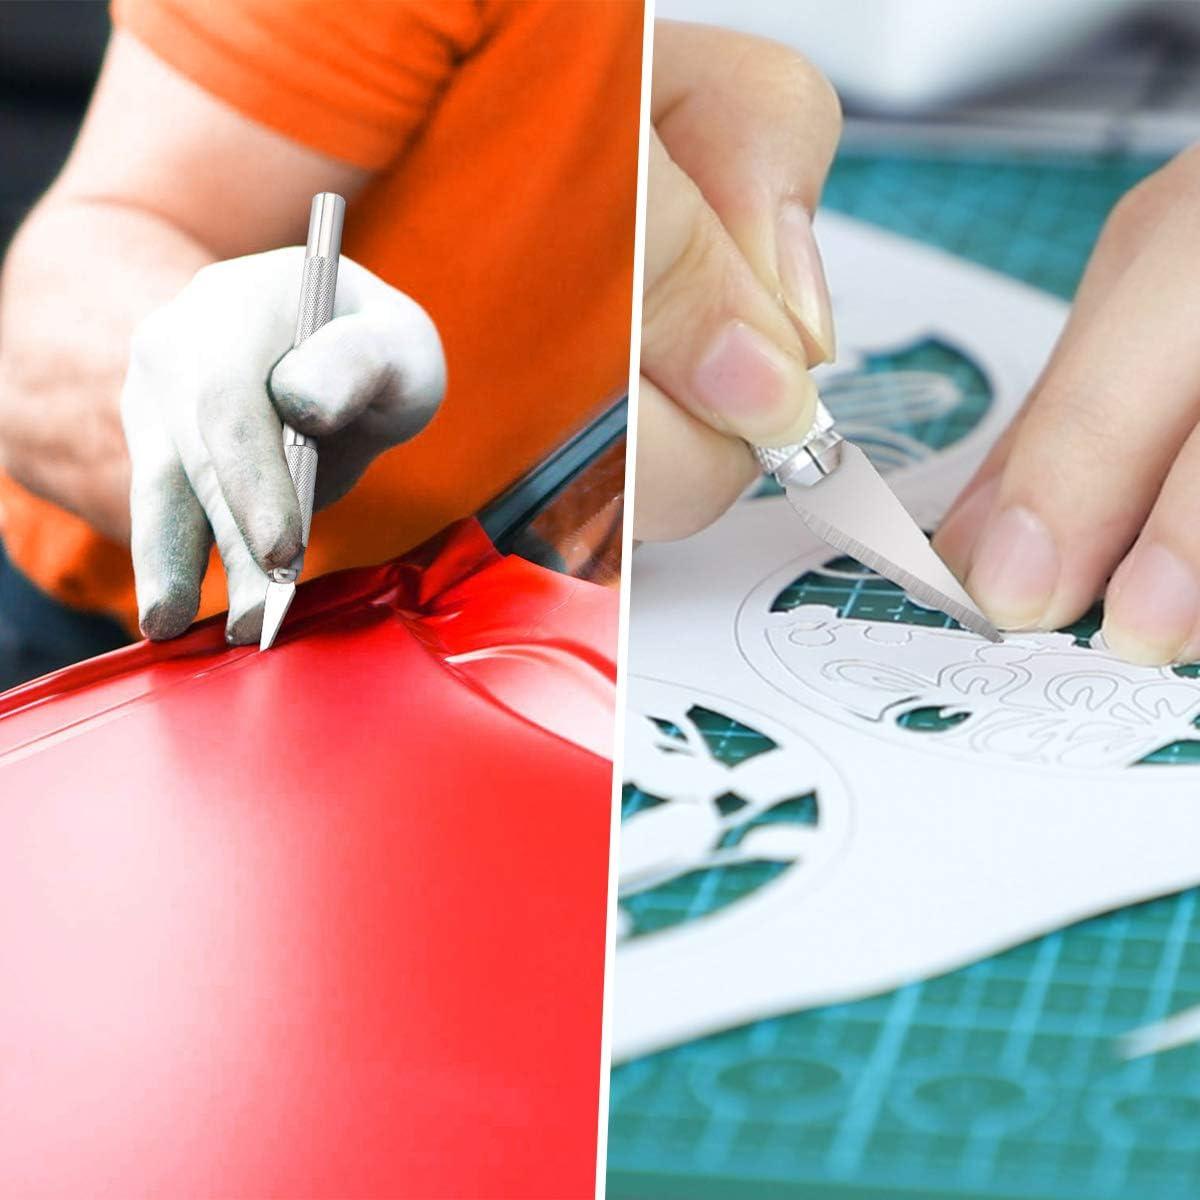 2 PCS Cuchillo para Trabajos Artesanales para Escultura Trabajos Art/ísticos Arte DIY Contiene 60 Cuchillas de Repuesto flintronic/® Herramientas de Talla